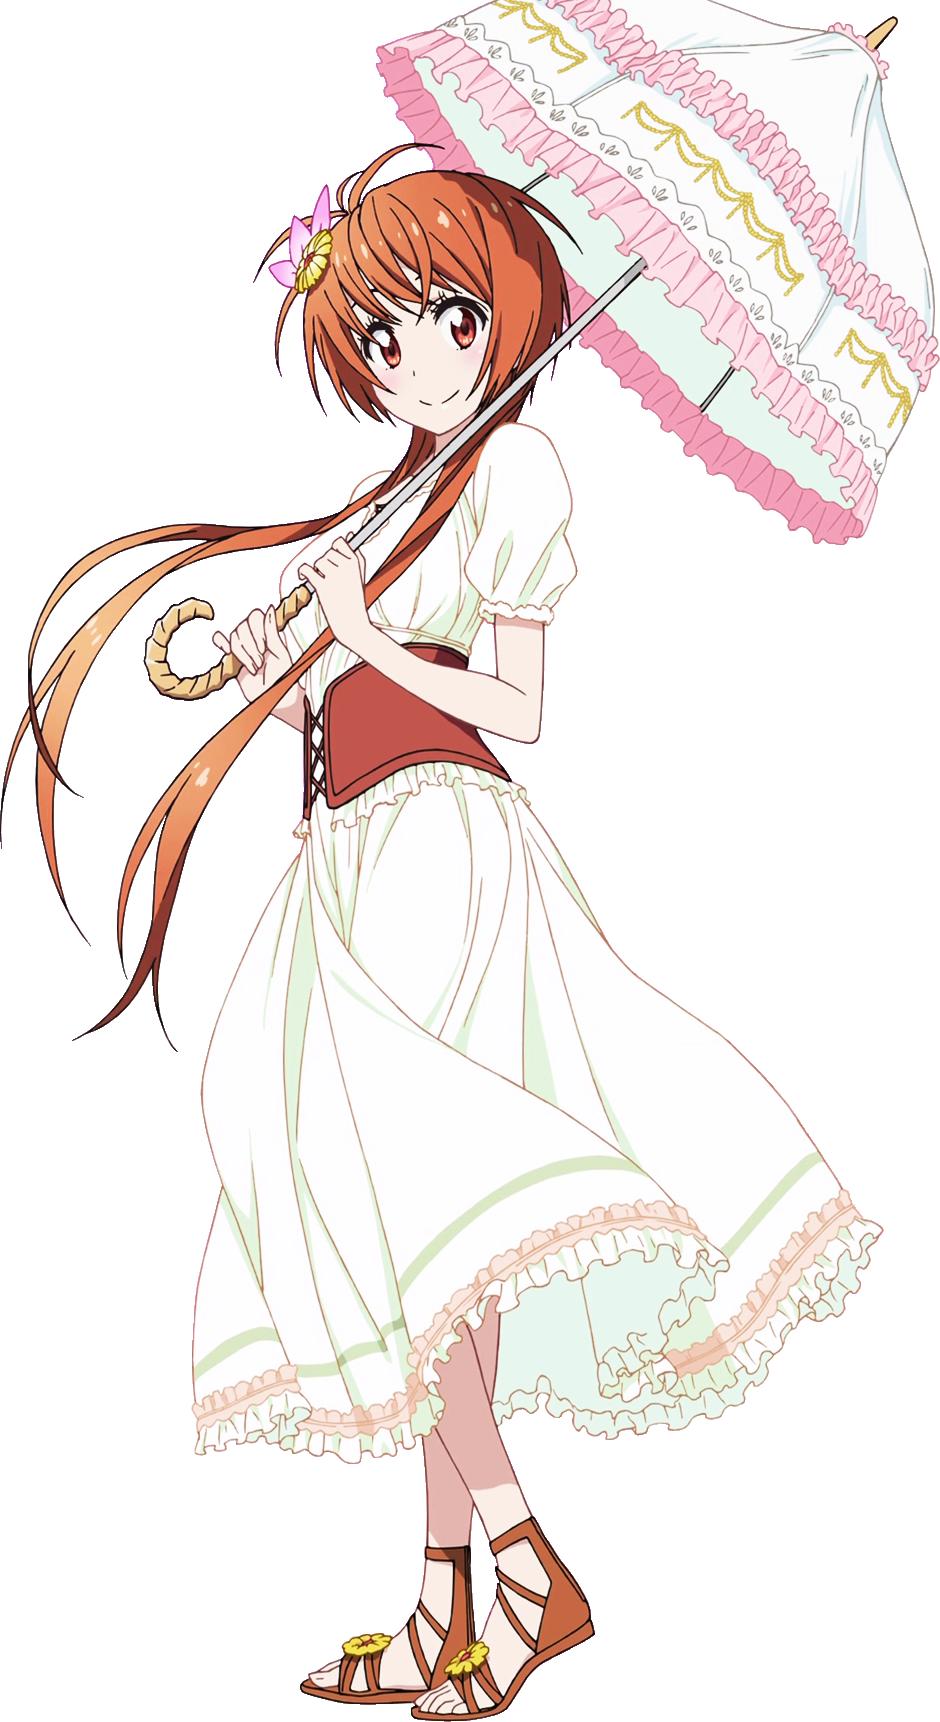 Pin di Allieheart su Anime girls (con immagini) Nisekoi